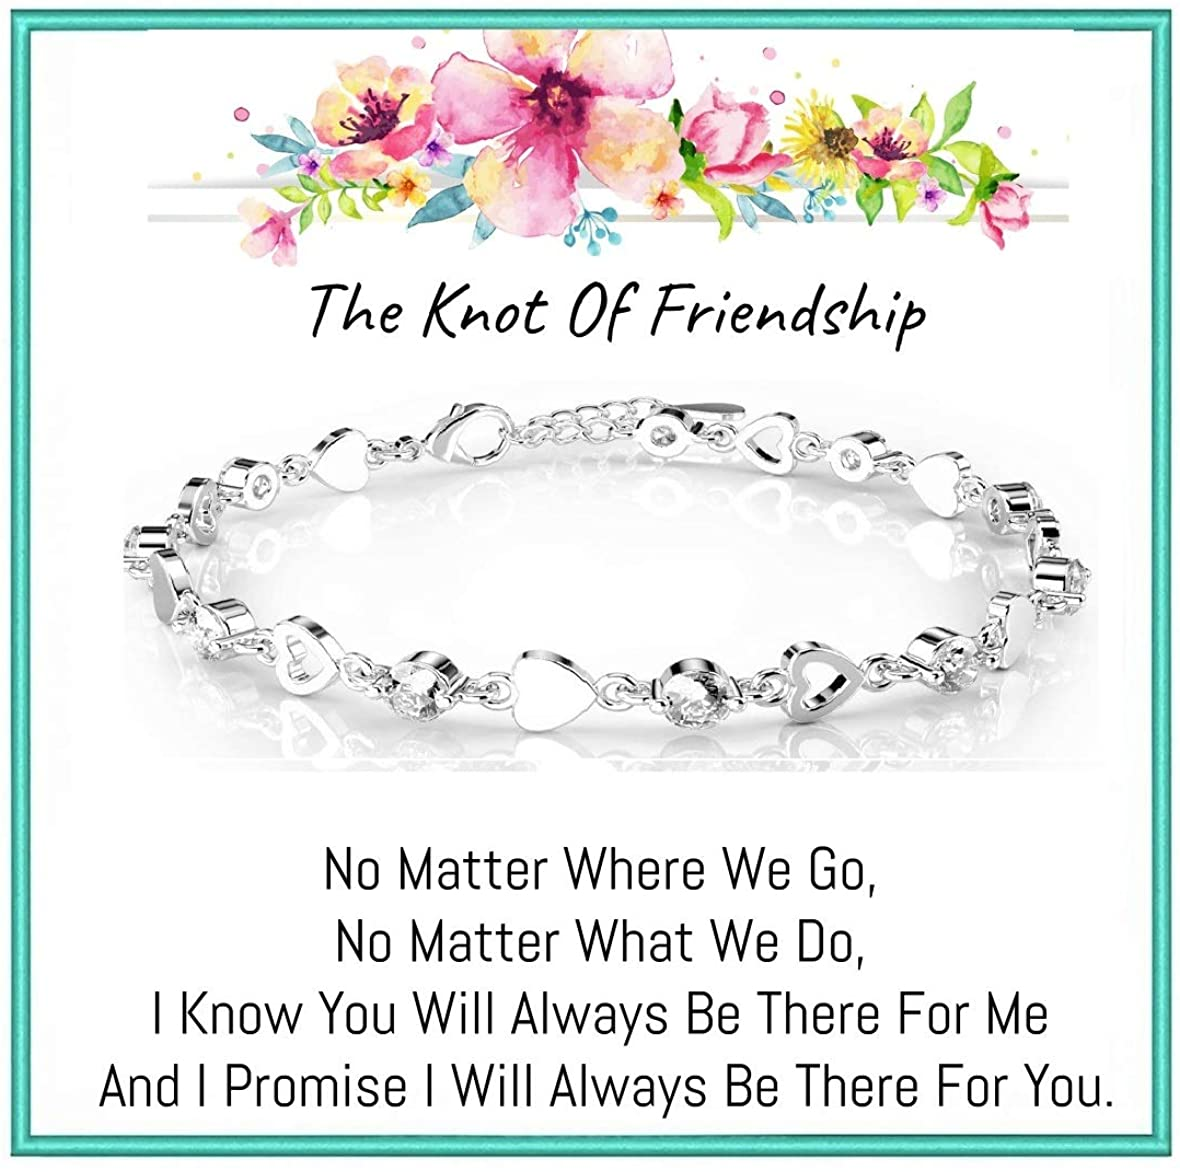 Best Friend Bracelets, Friendship Bracelet, Best Friend Bracelet with Gifts Bag for Best Friend Birthday Best Friend Christmas